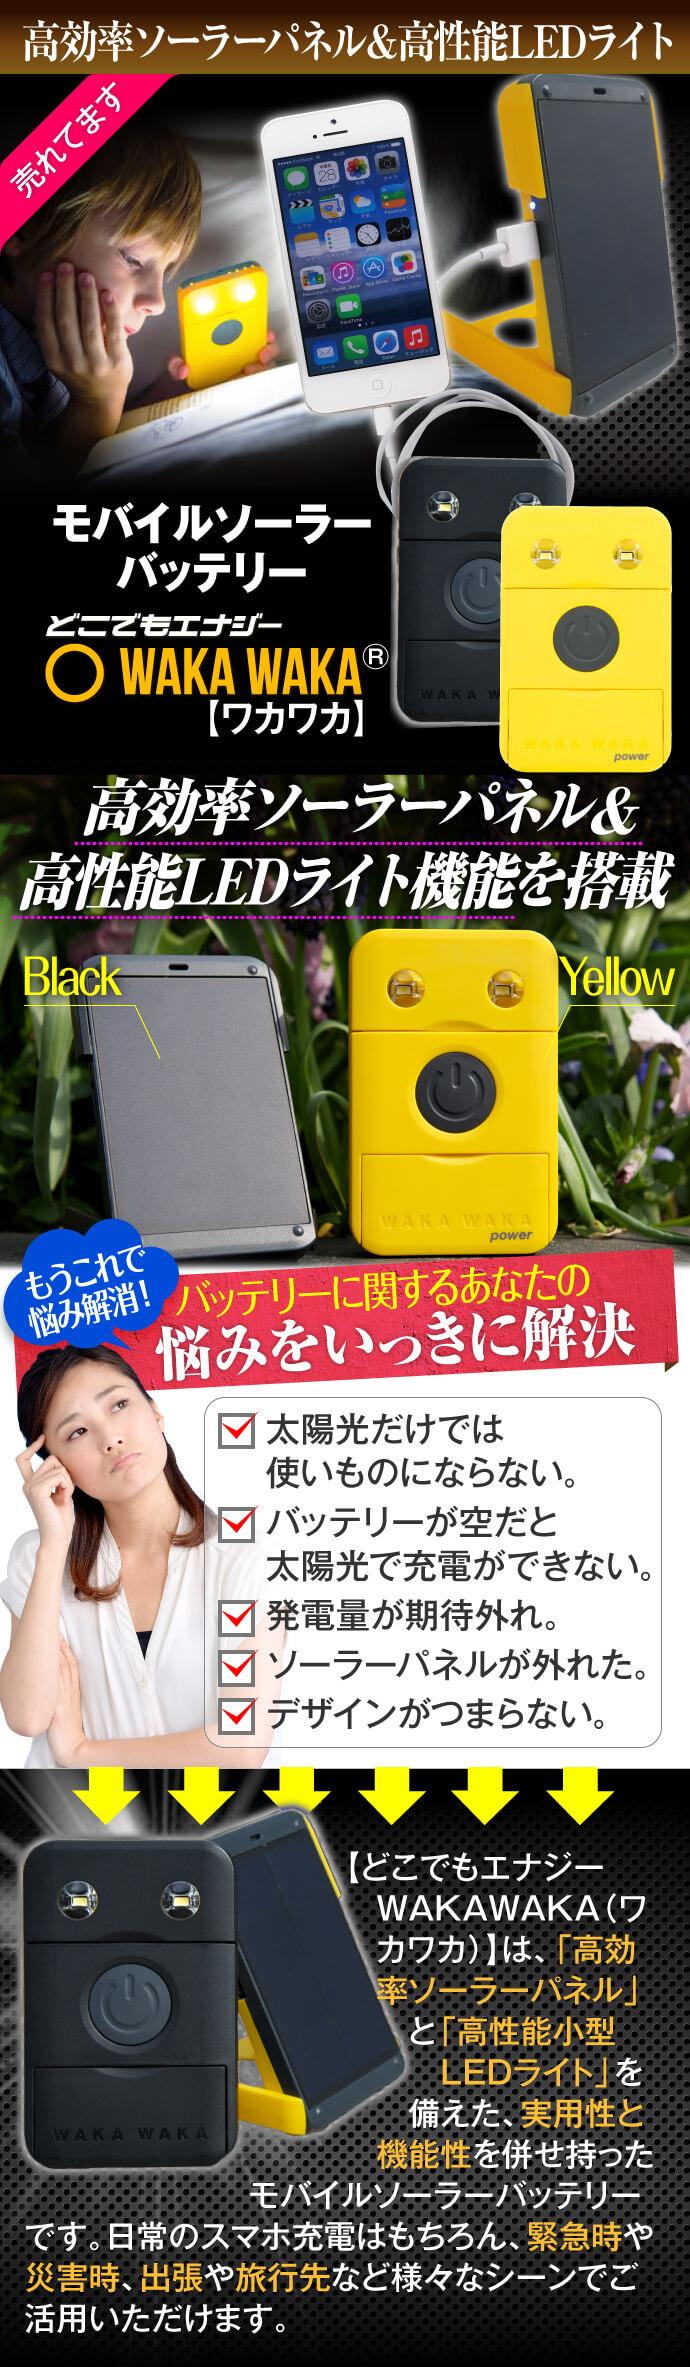 高効率ソーラーパネル&高性能LEDライト搭載のモバイルソーラー充電器WakaWaka